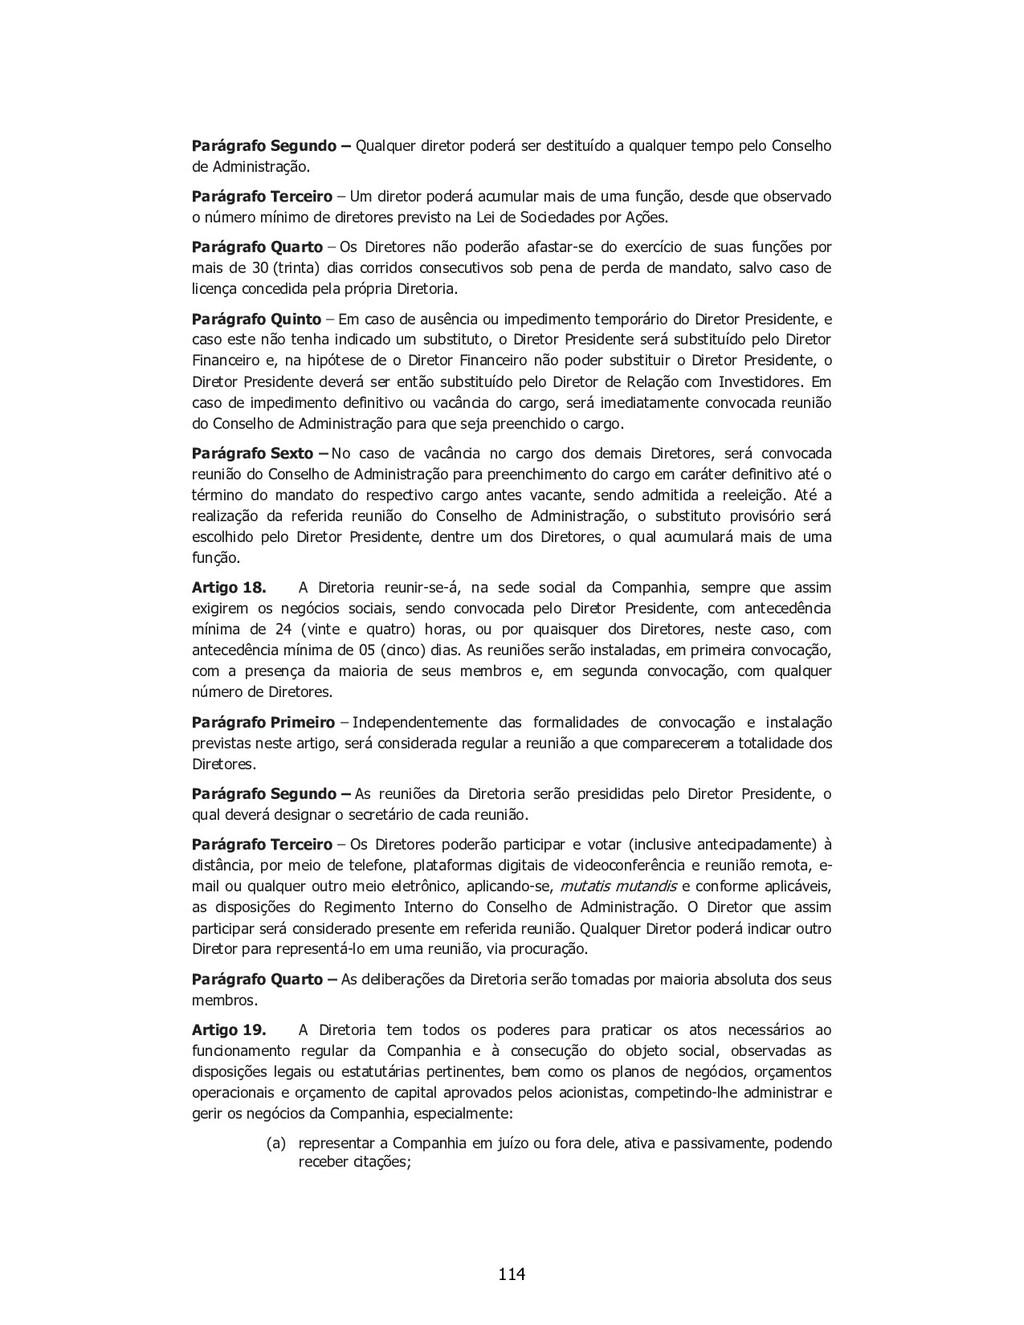 SP - 28538257v1 Parágrafo Segundo – Qualquer di...